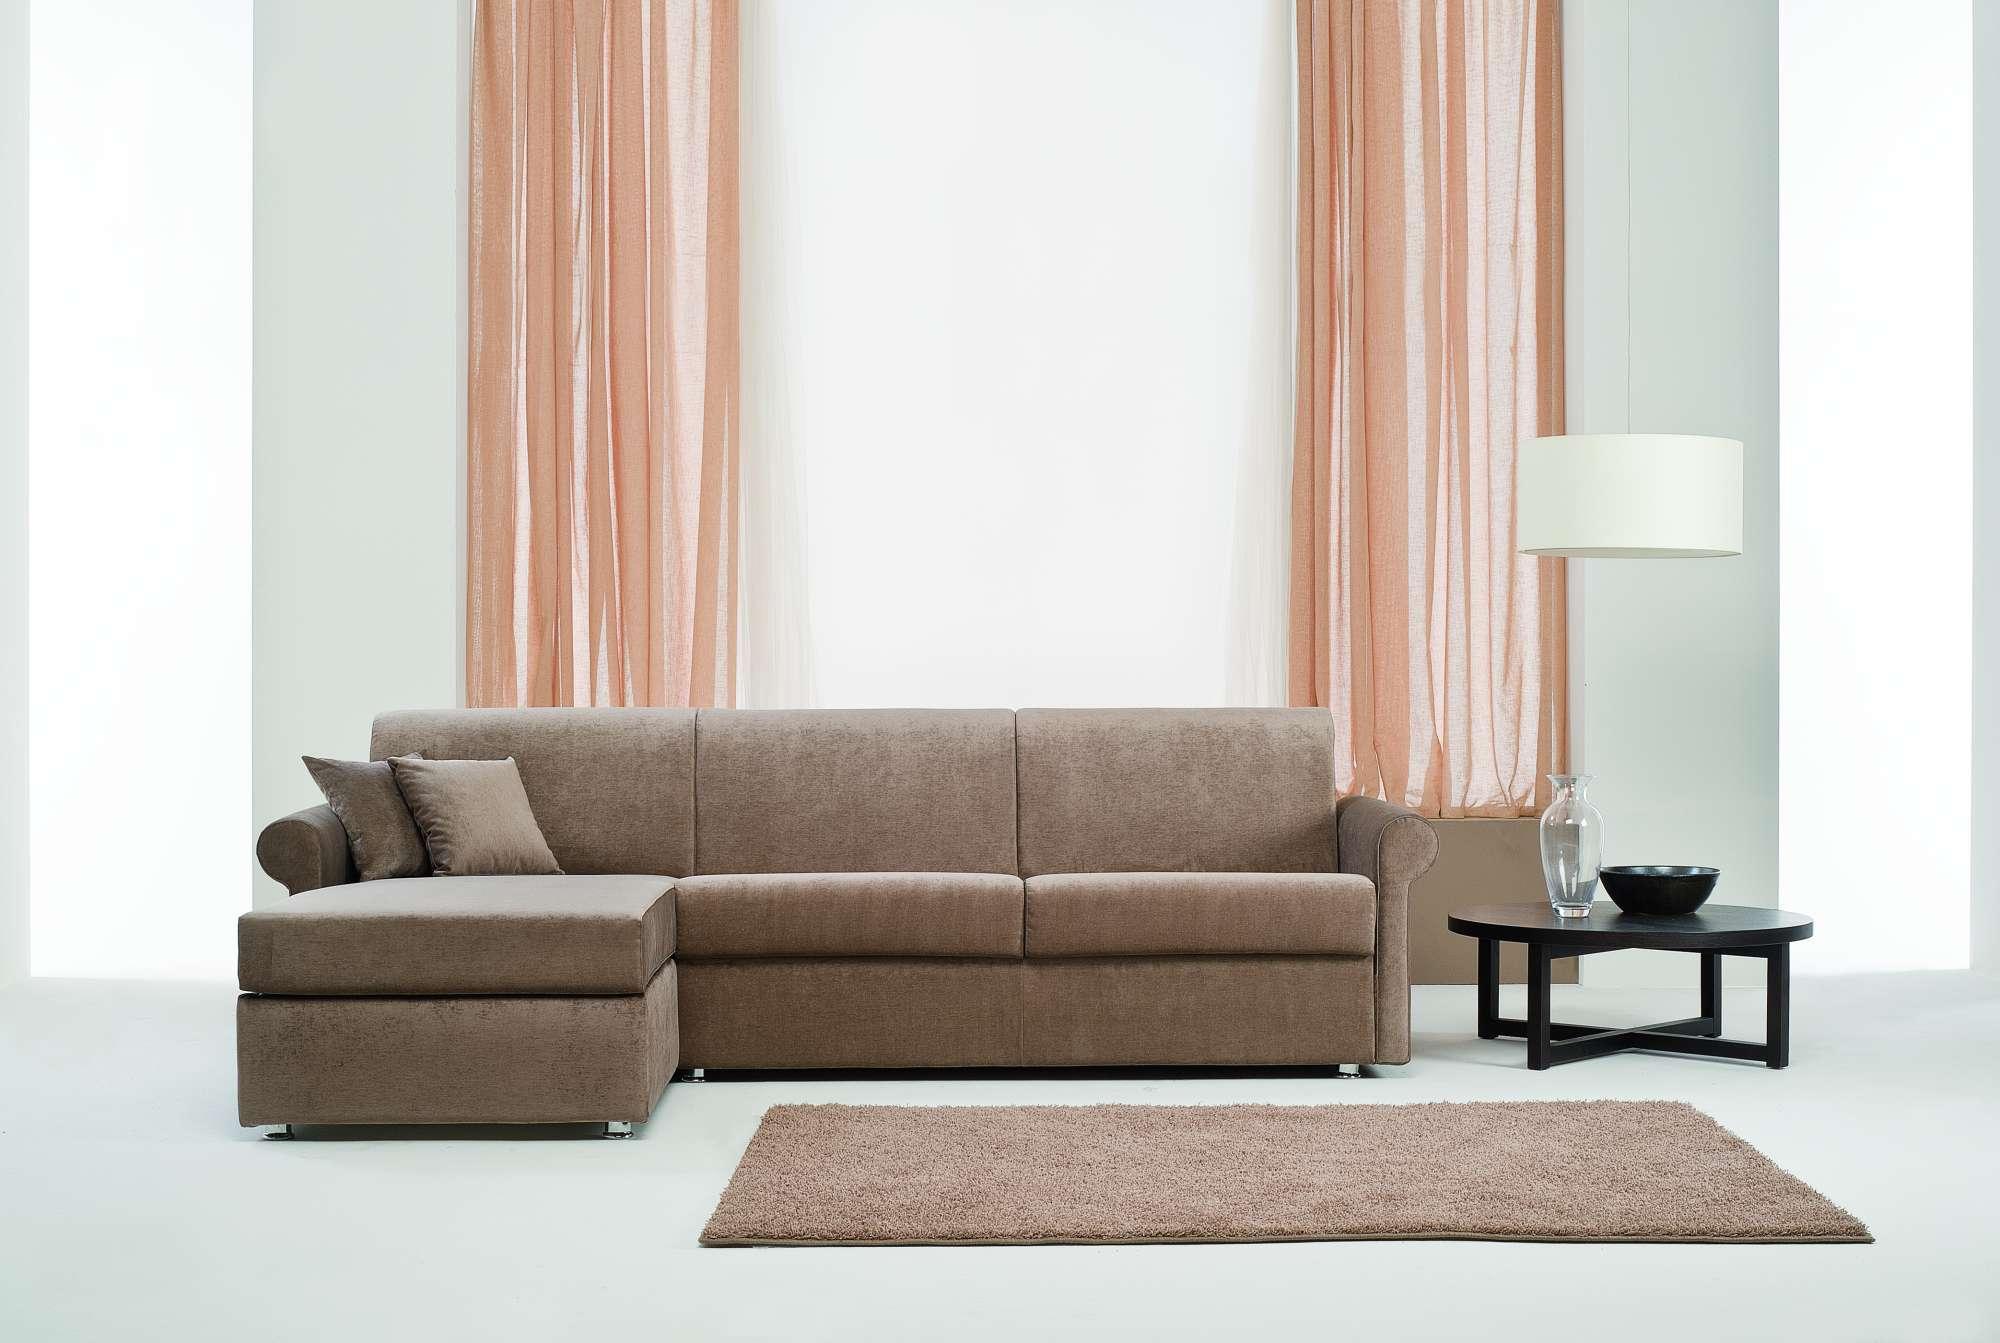 Sinfony divani letto con chaise longue collezione moderni for Divani moderni con chaise longue